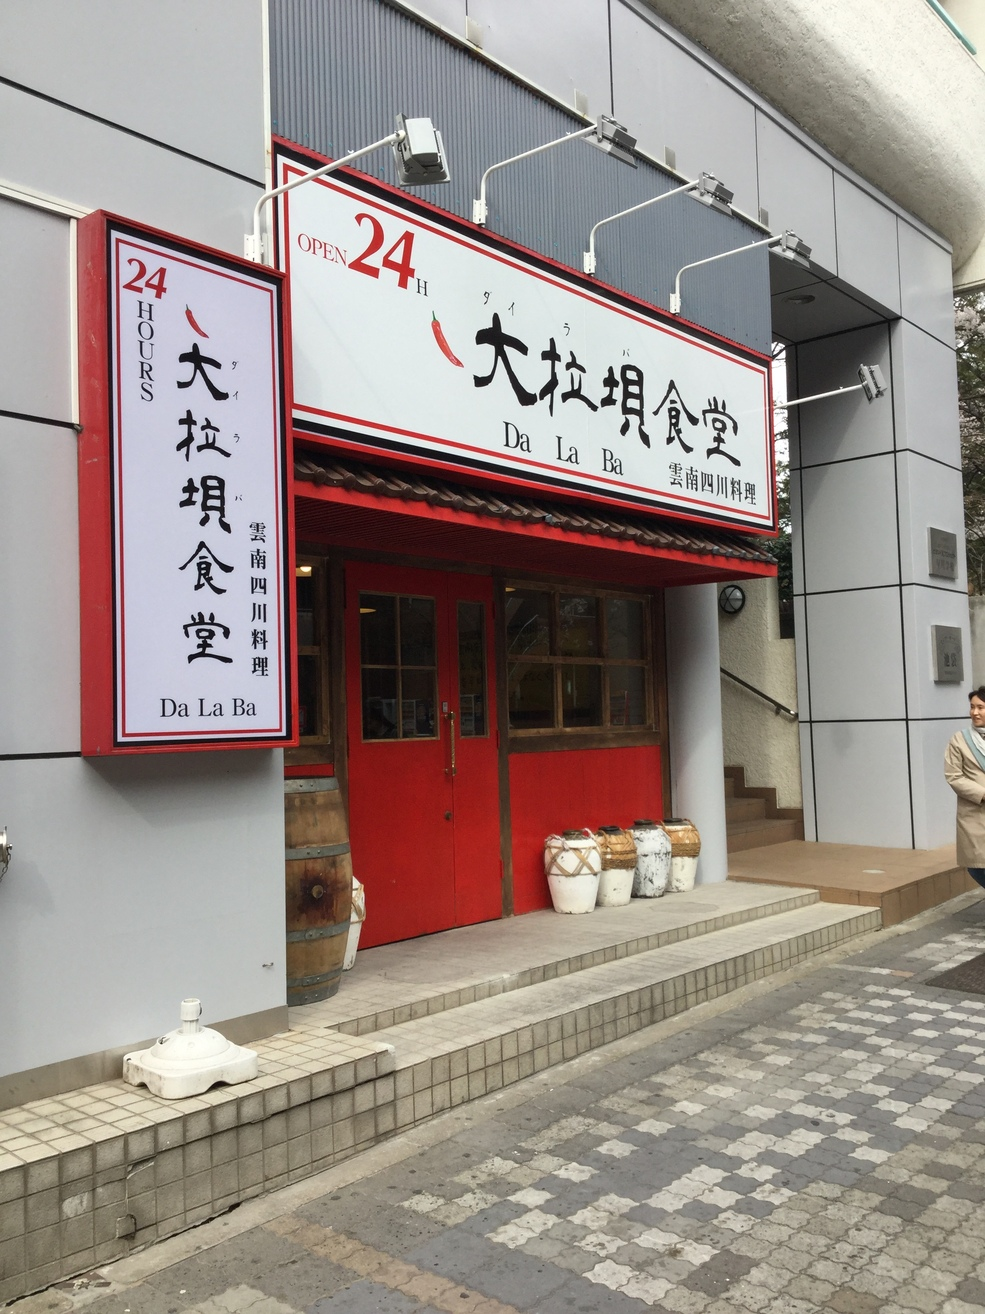 雲南四川料理 ダイラバ食堂 要町店